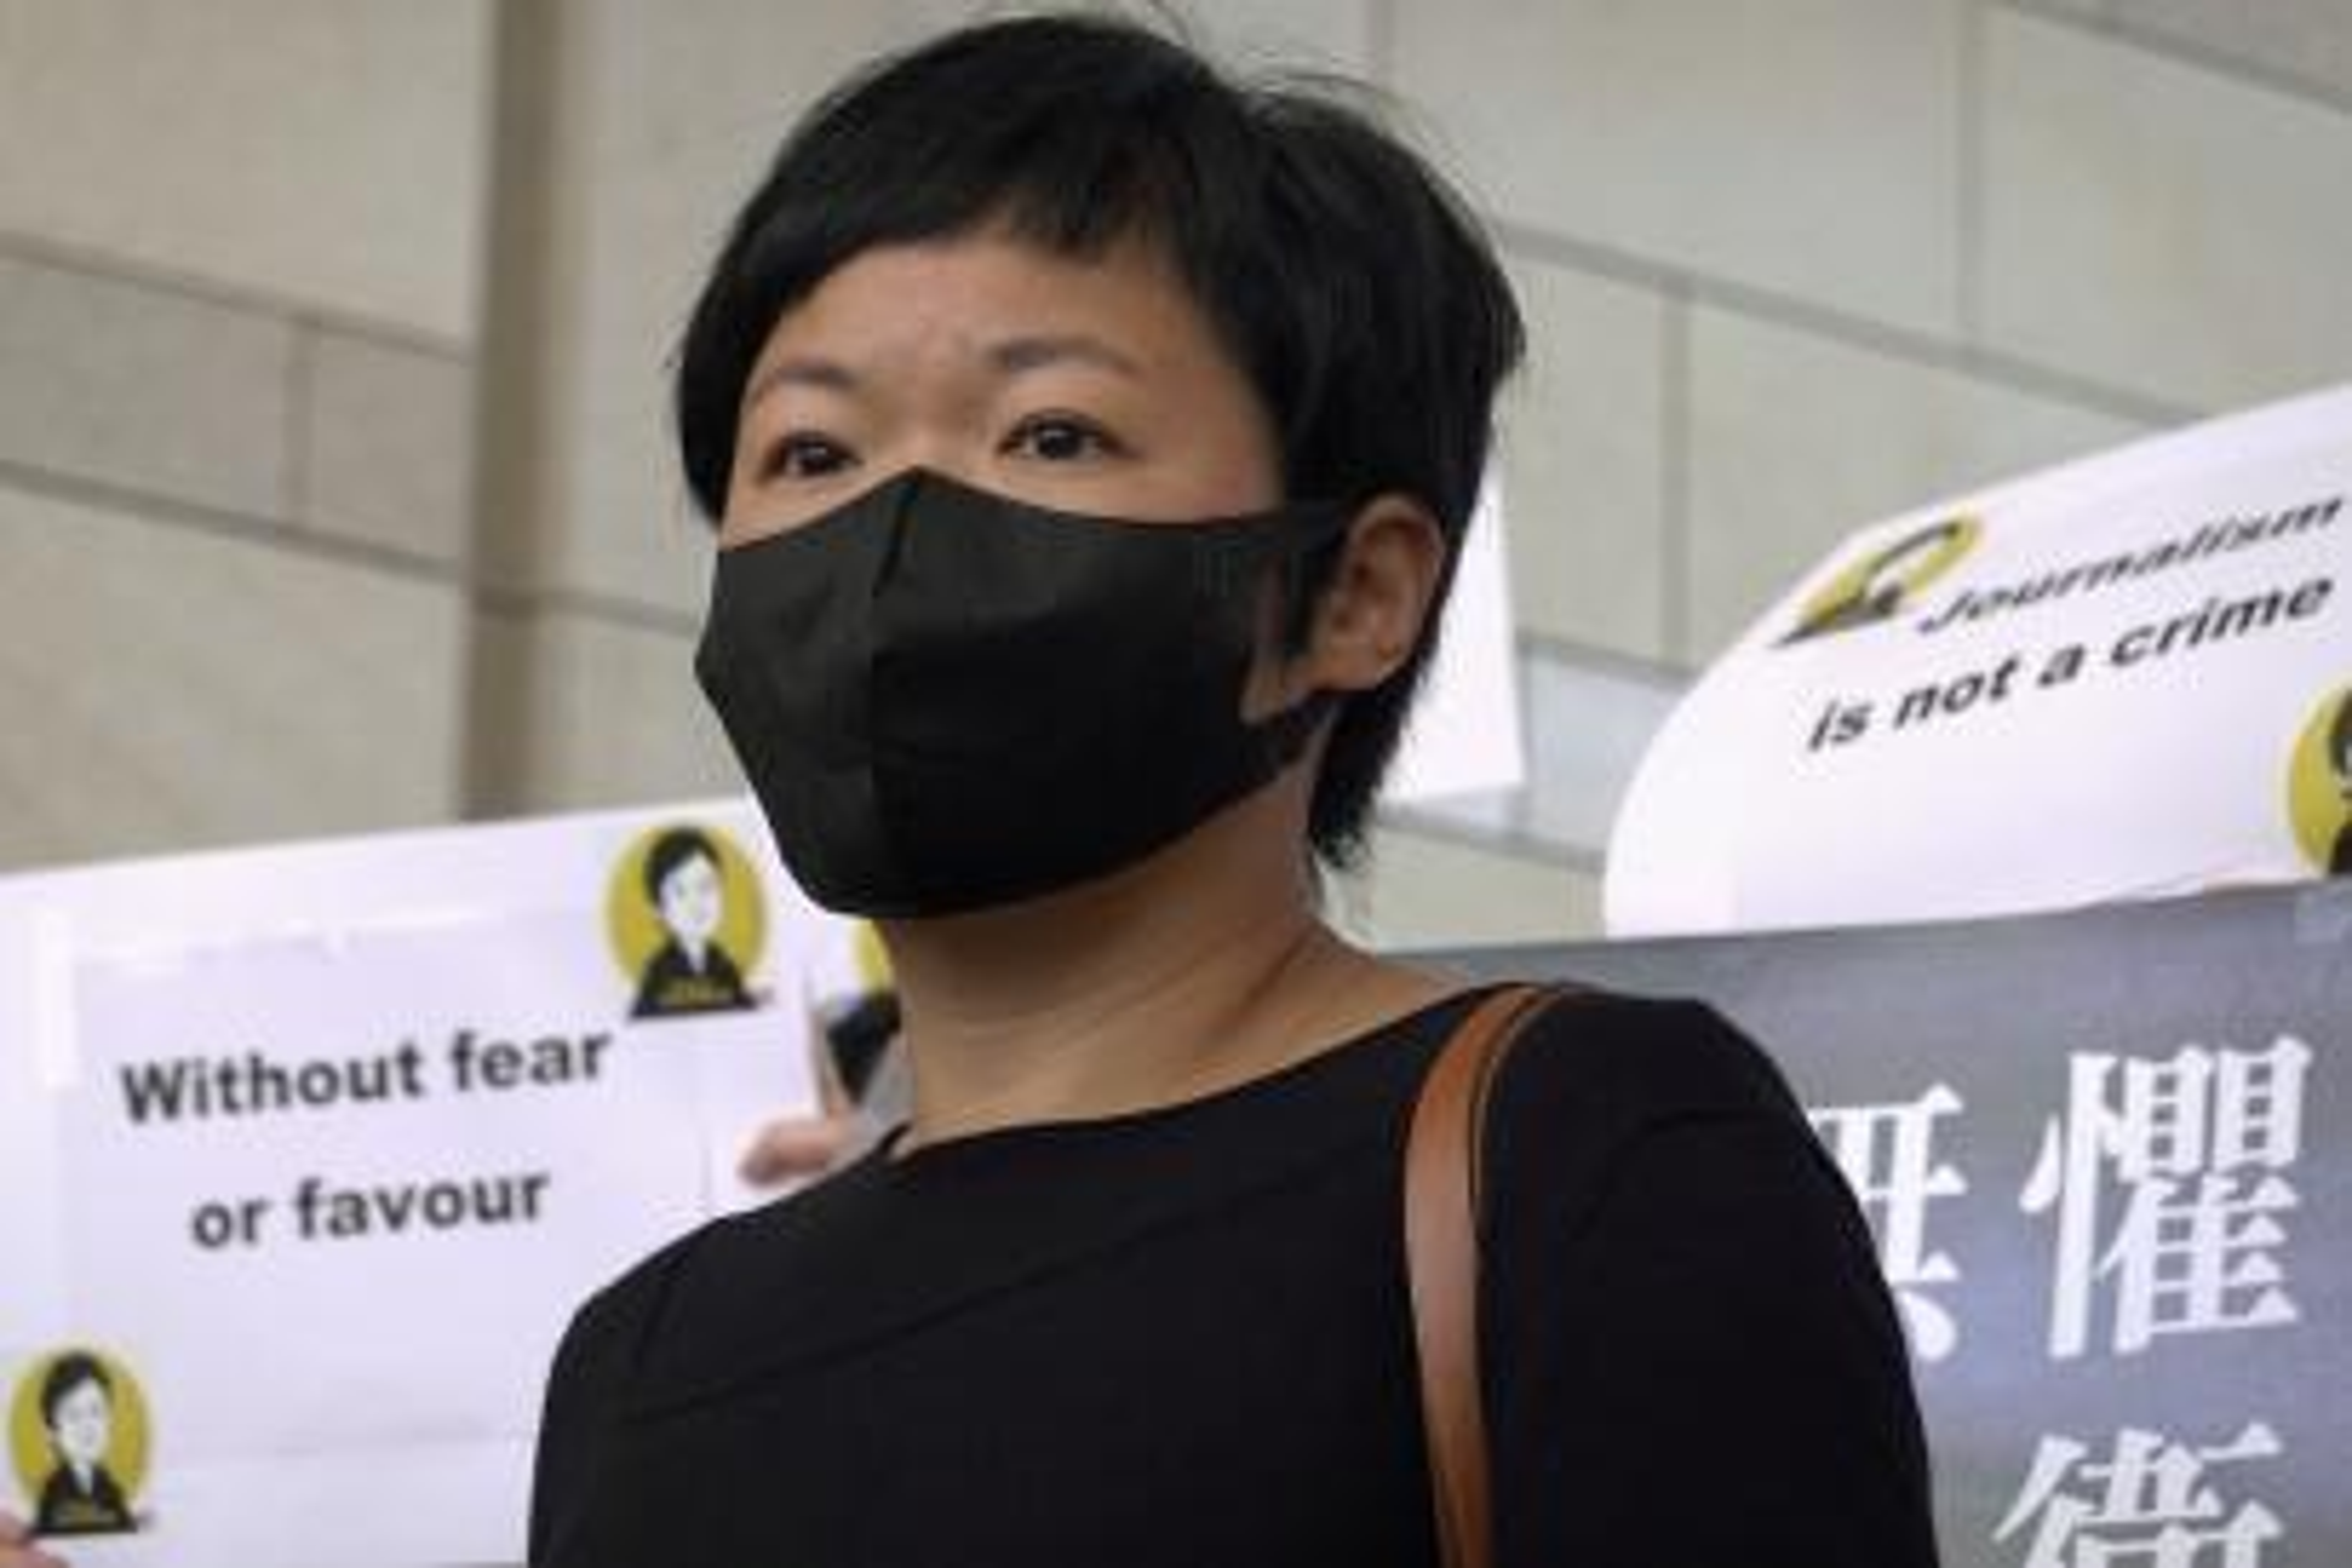 Hong Kong journalist Bao Choy Yuk-ling